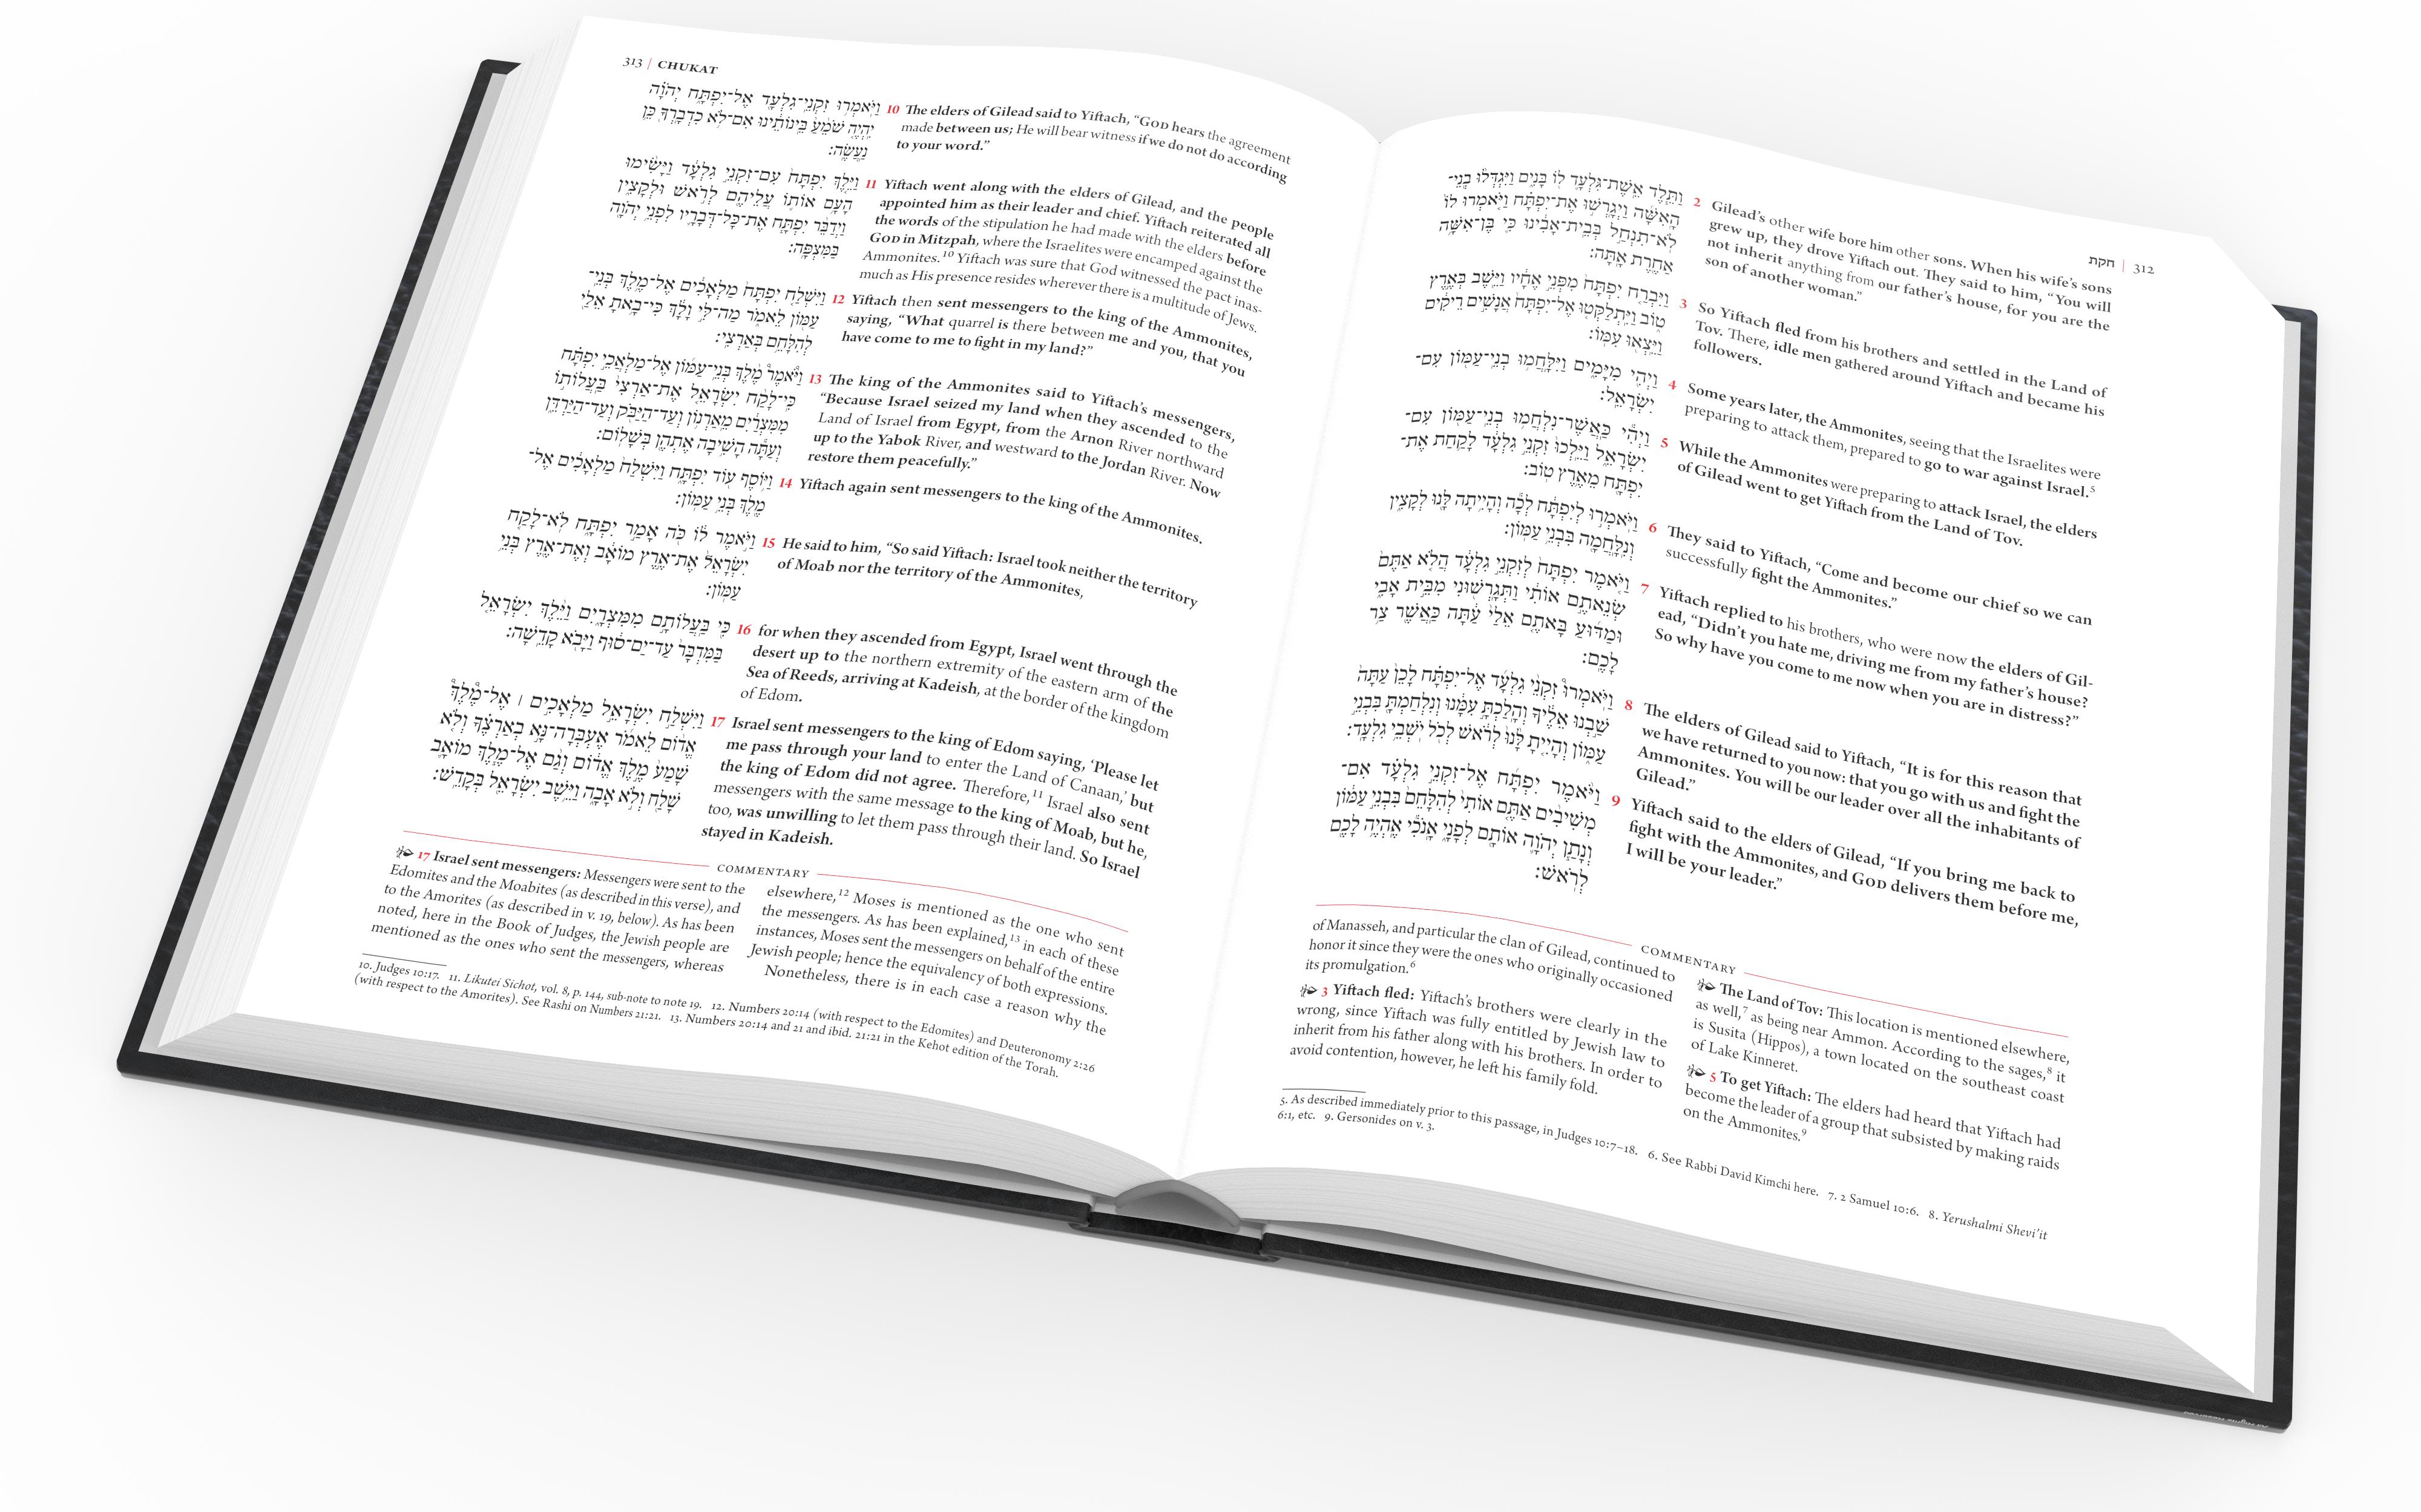 Haftarot book